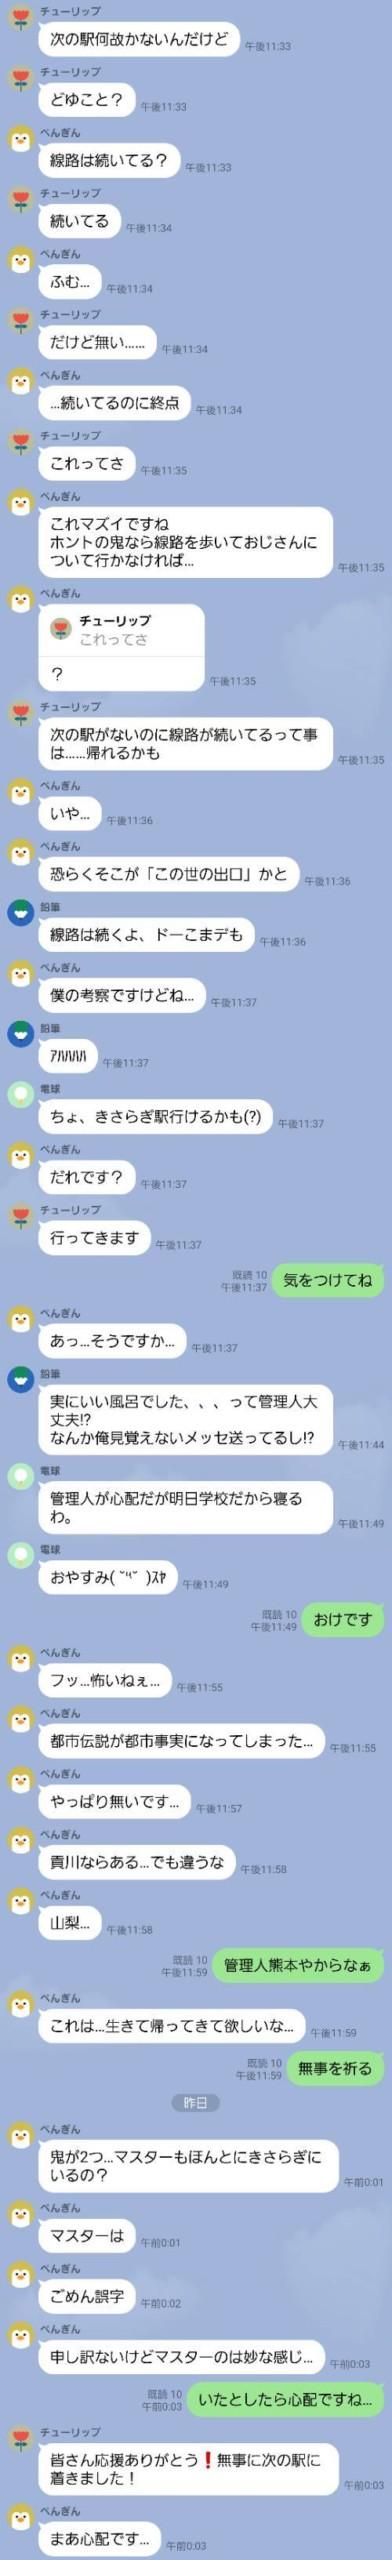 きさらぎ駅(鬼)